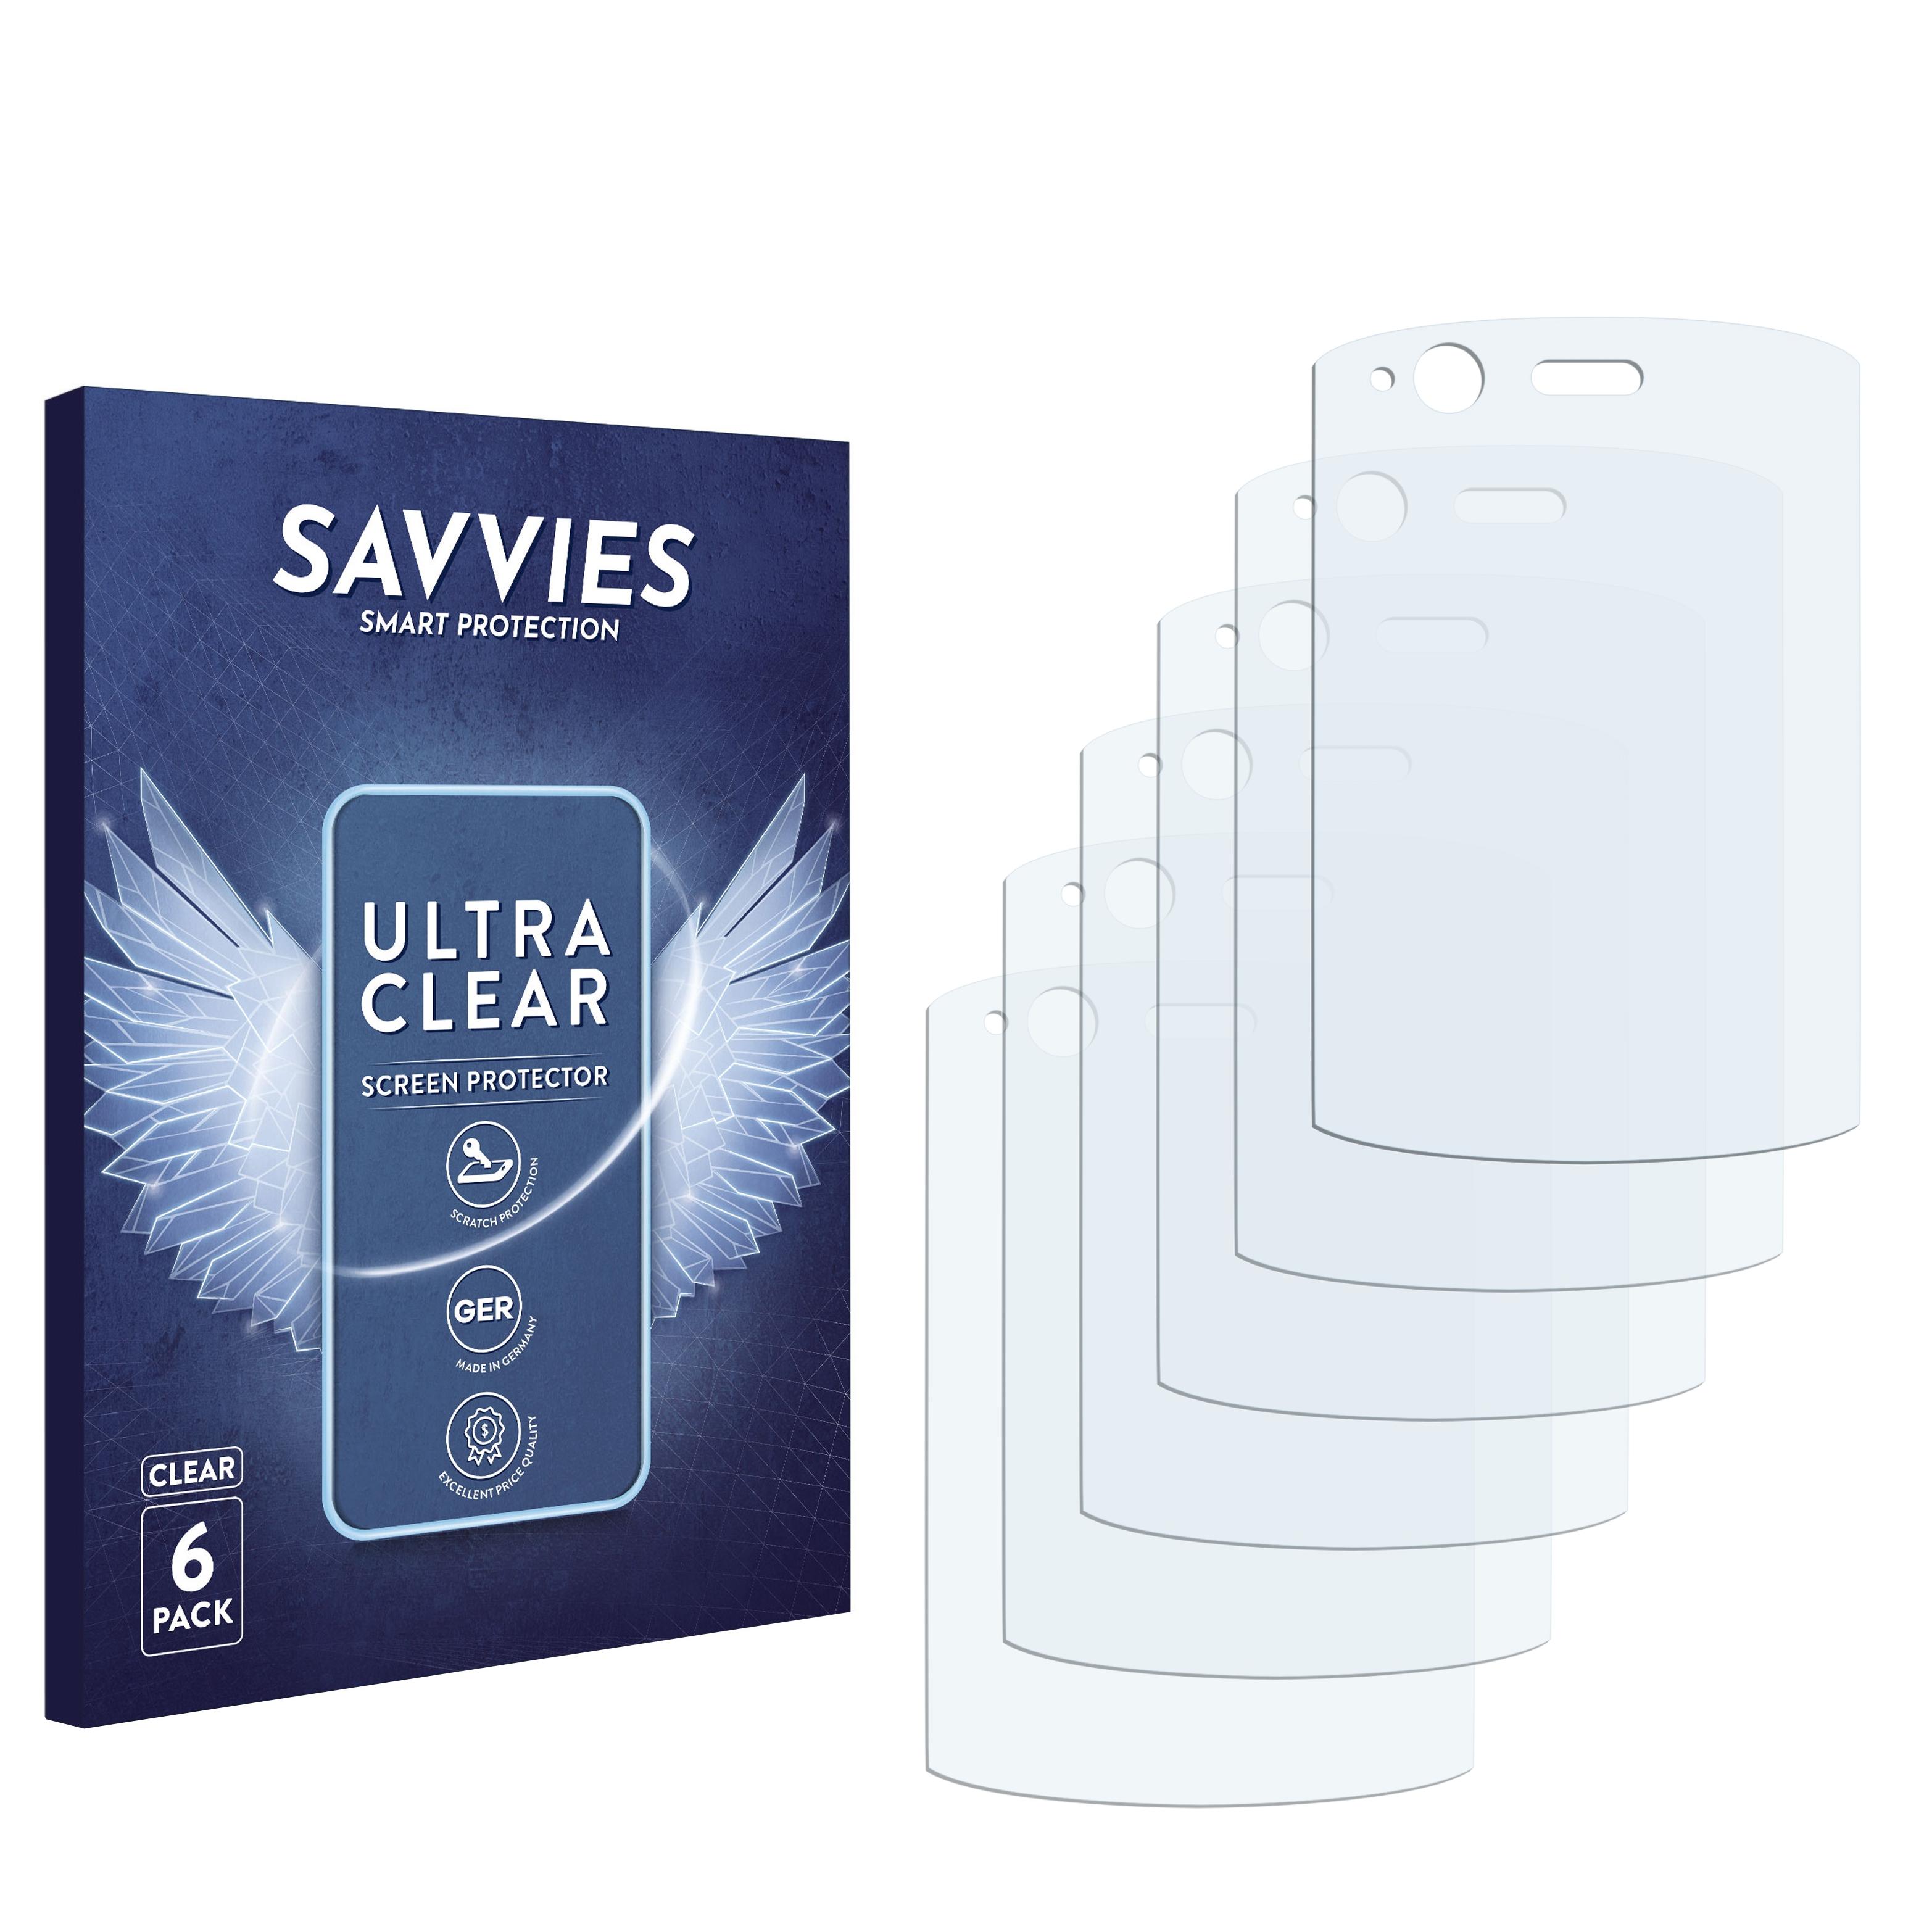 Ochranná fólie Savvies na Acer Tempo DX900, 6ks